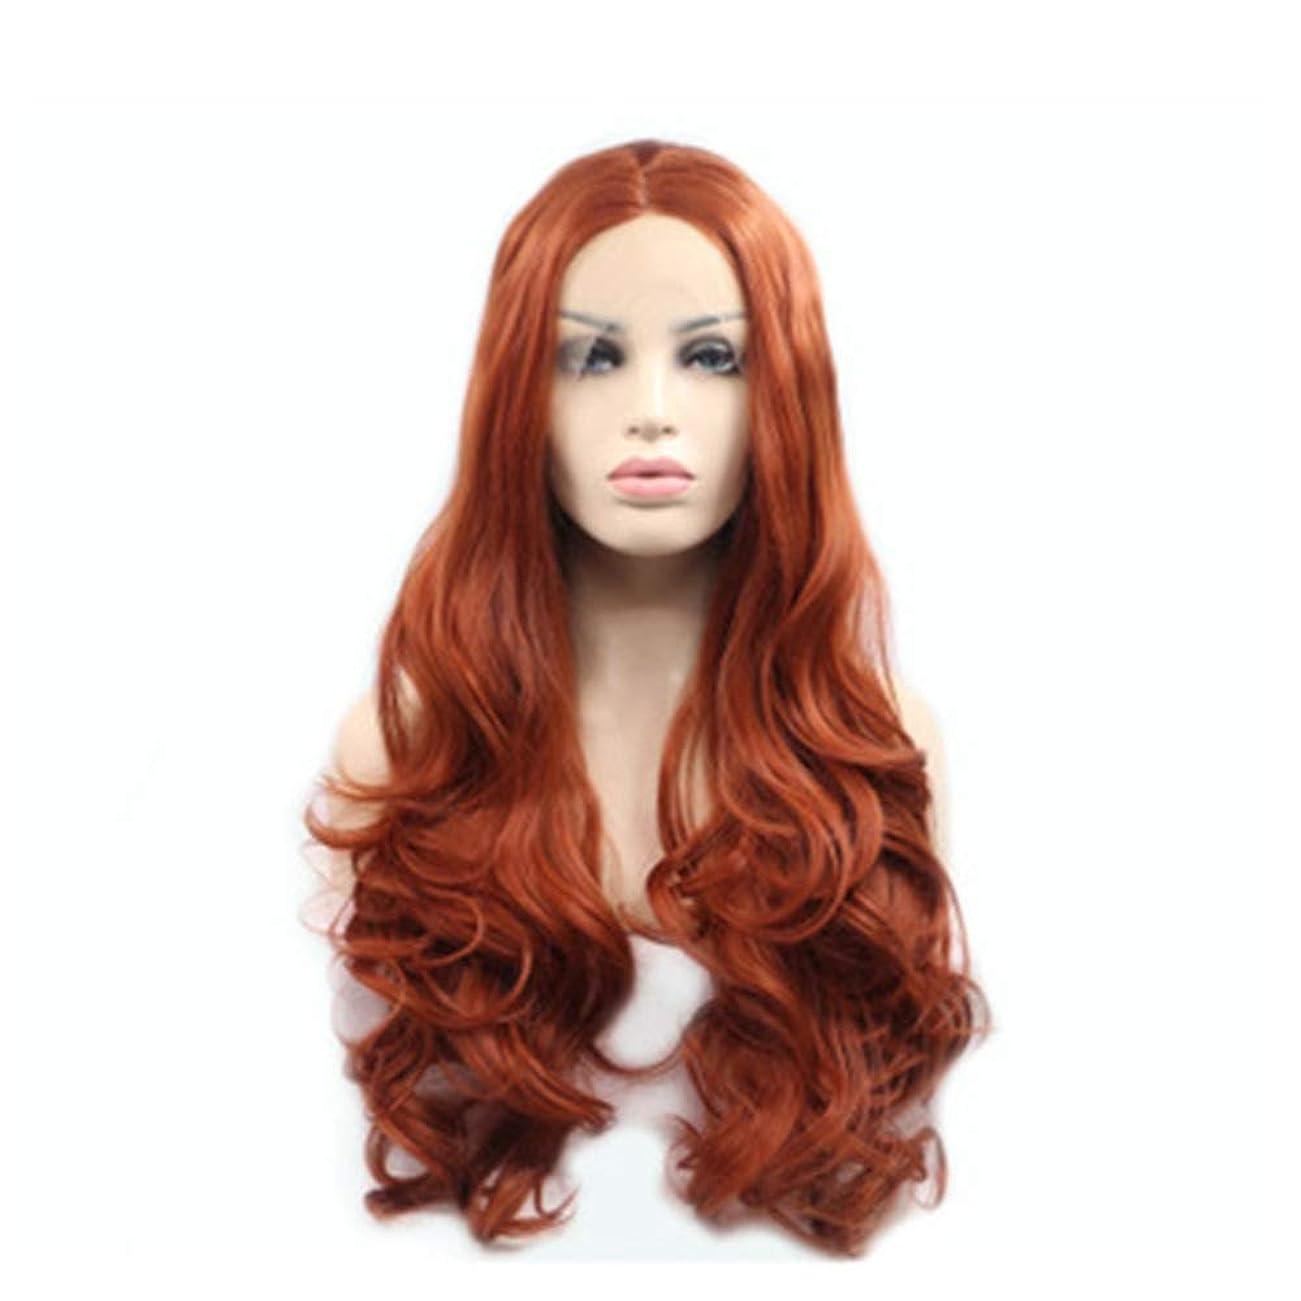 体細胞求人ゲインセイZXF 化学繊維フロントレースかつらかつら長い巻き毛の大きな波ふわふわ髪セット 美しい